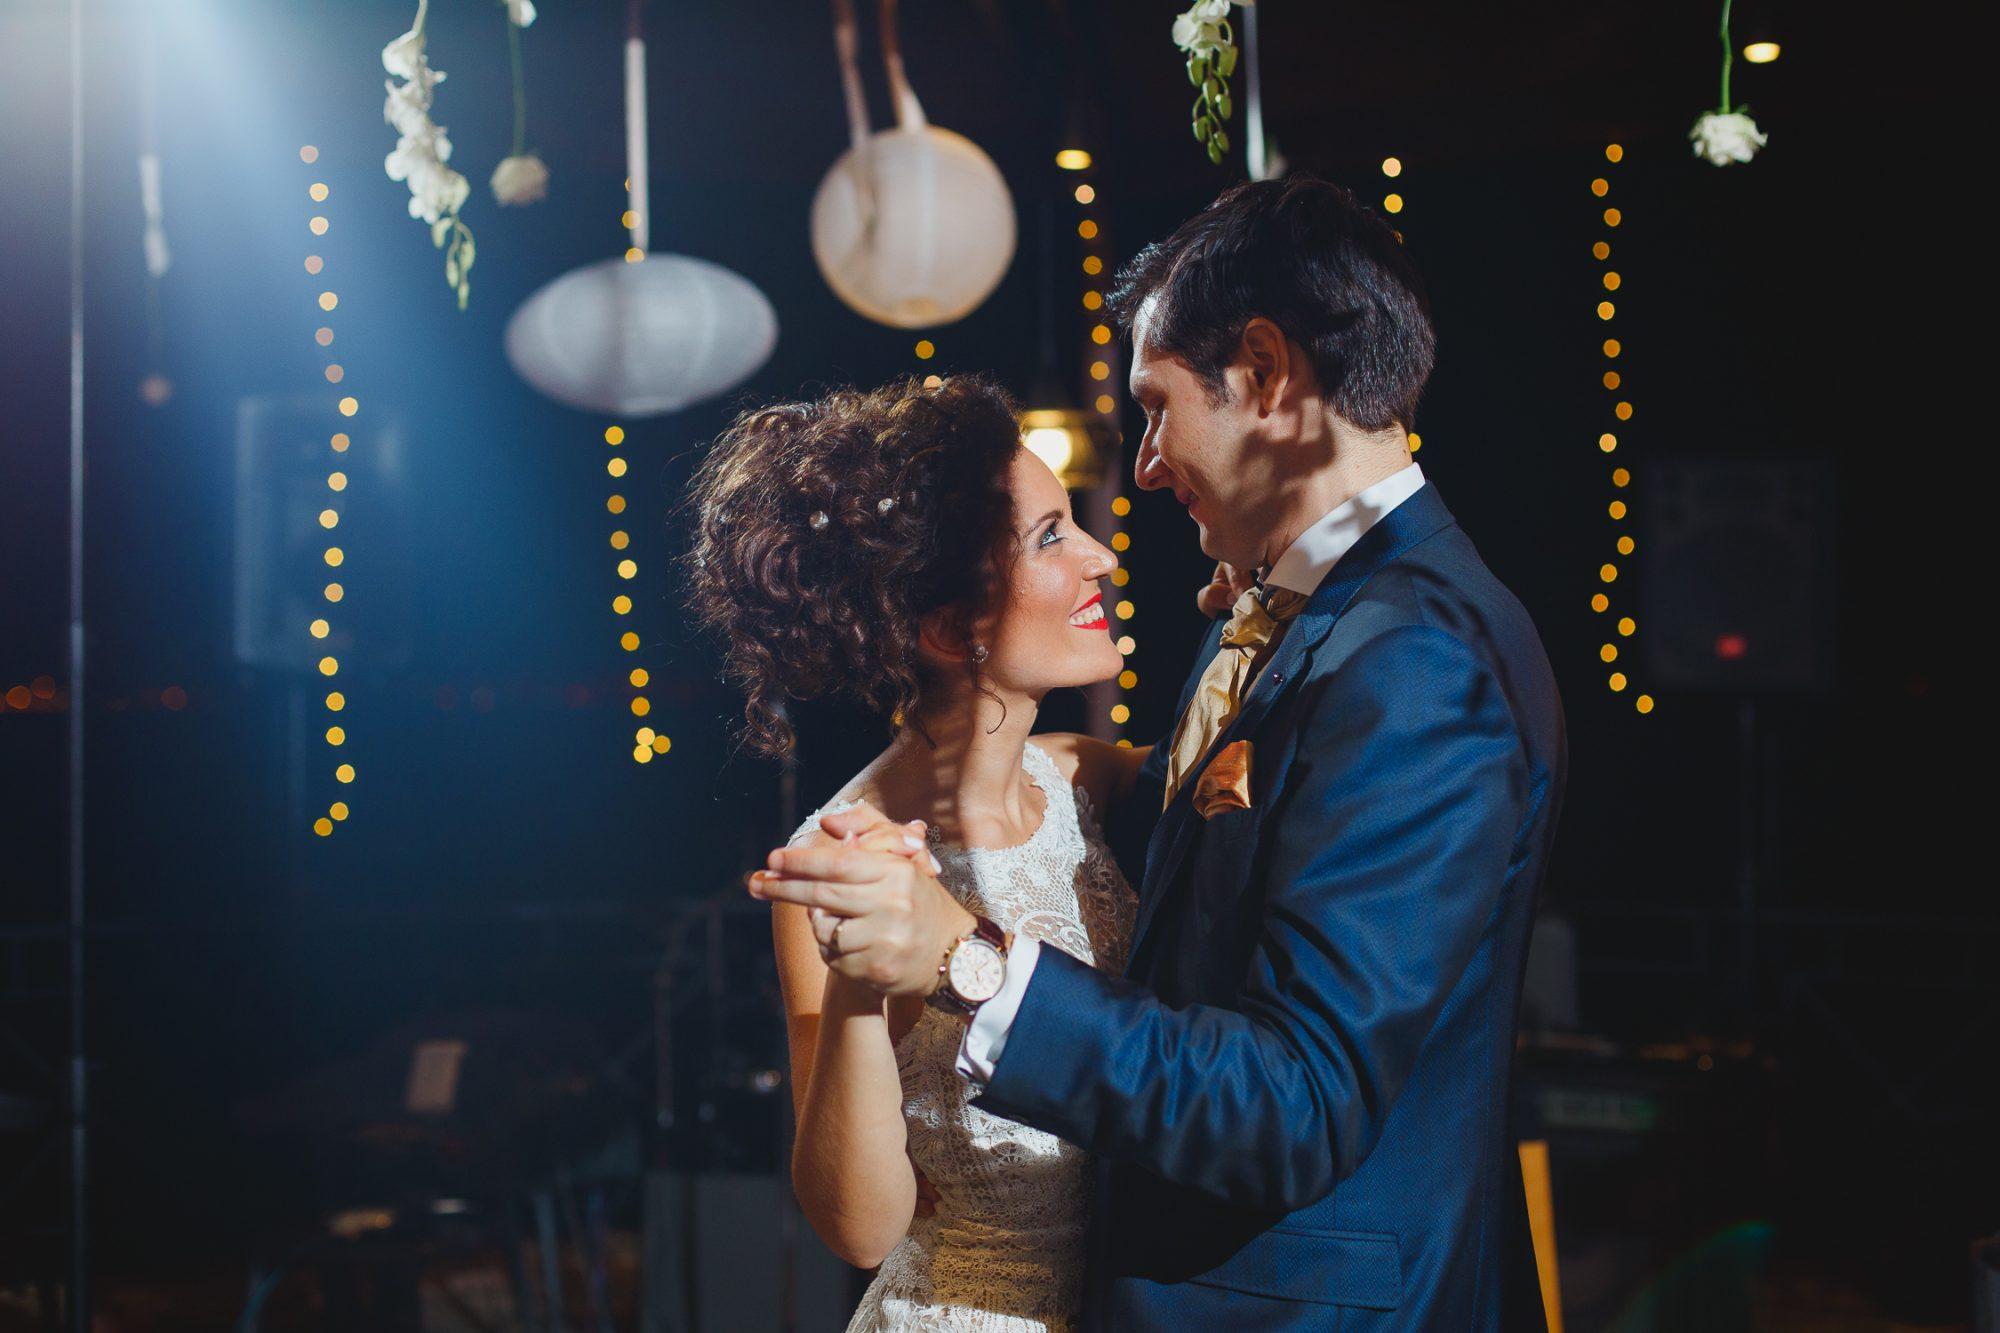 Chic wedding at Wyndham Loutraki Poseidon Resort